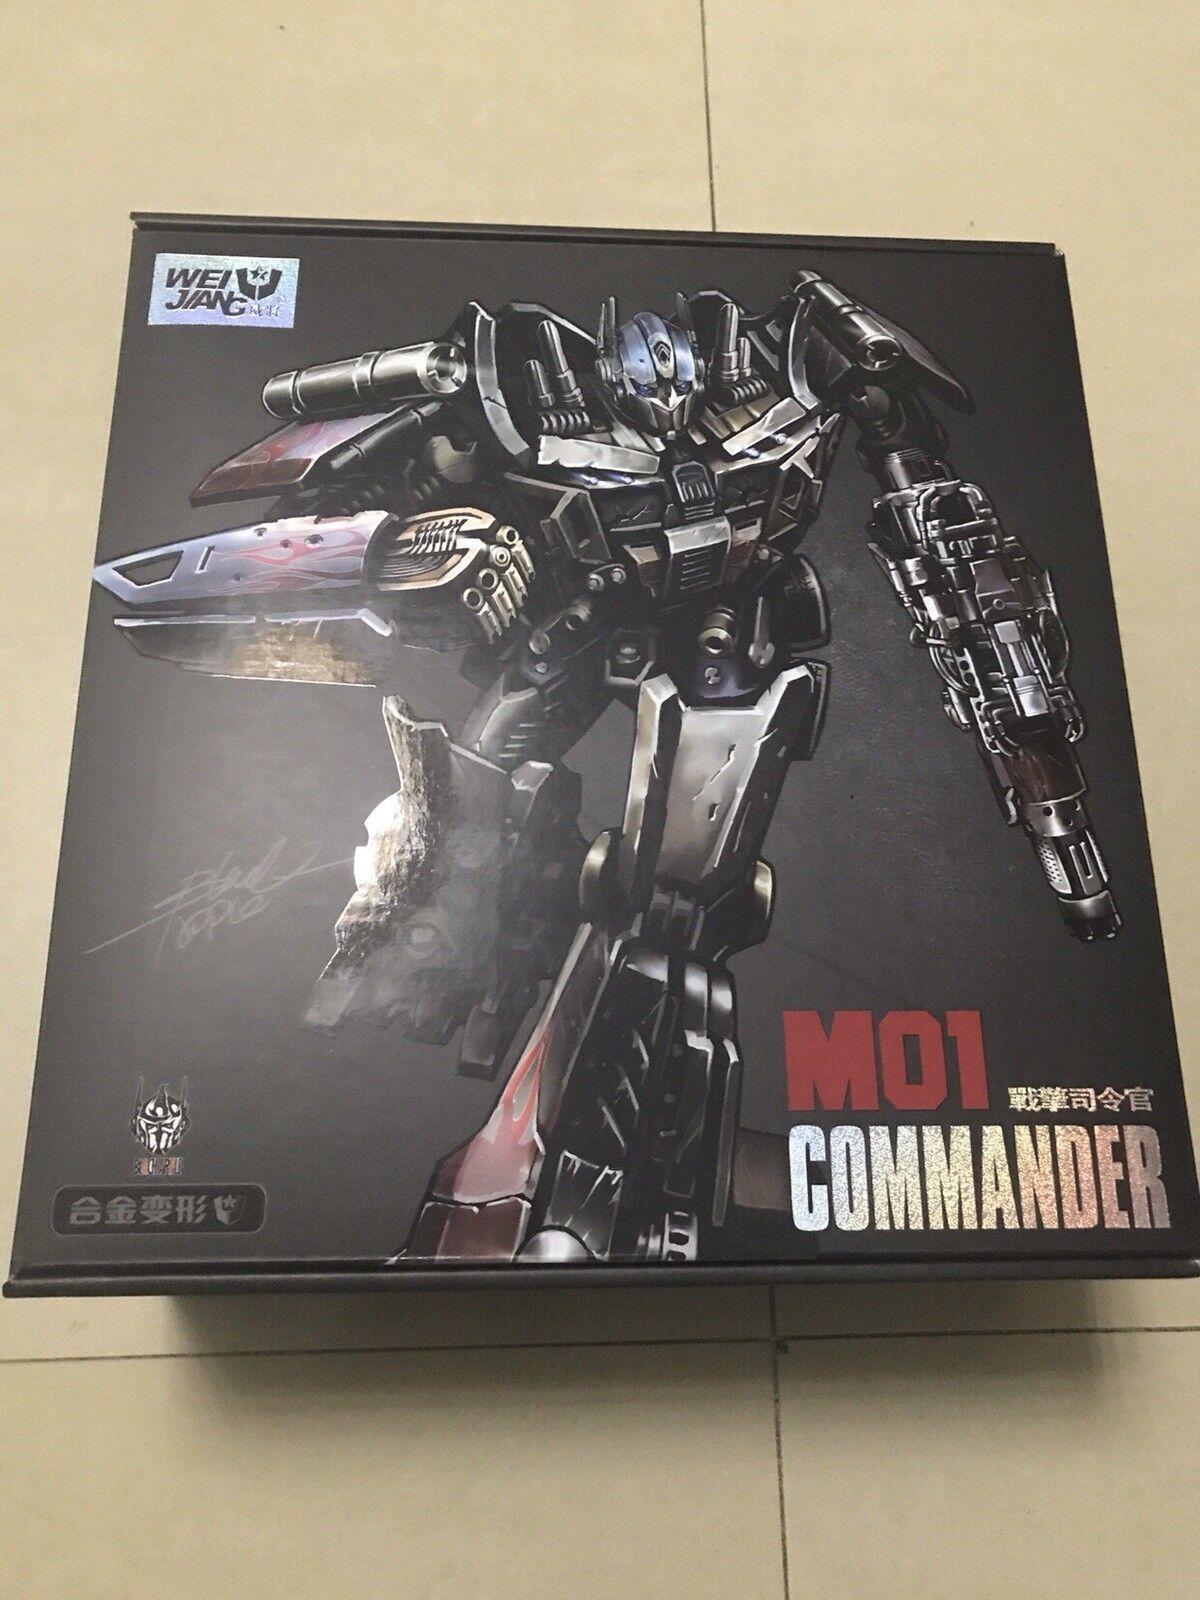 Transformatoren optimus prime m01 commander steuerhinterziehung overGröße - wei.